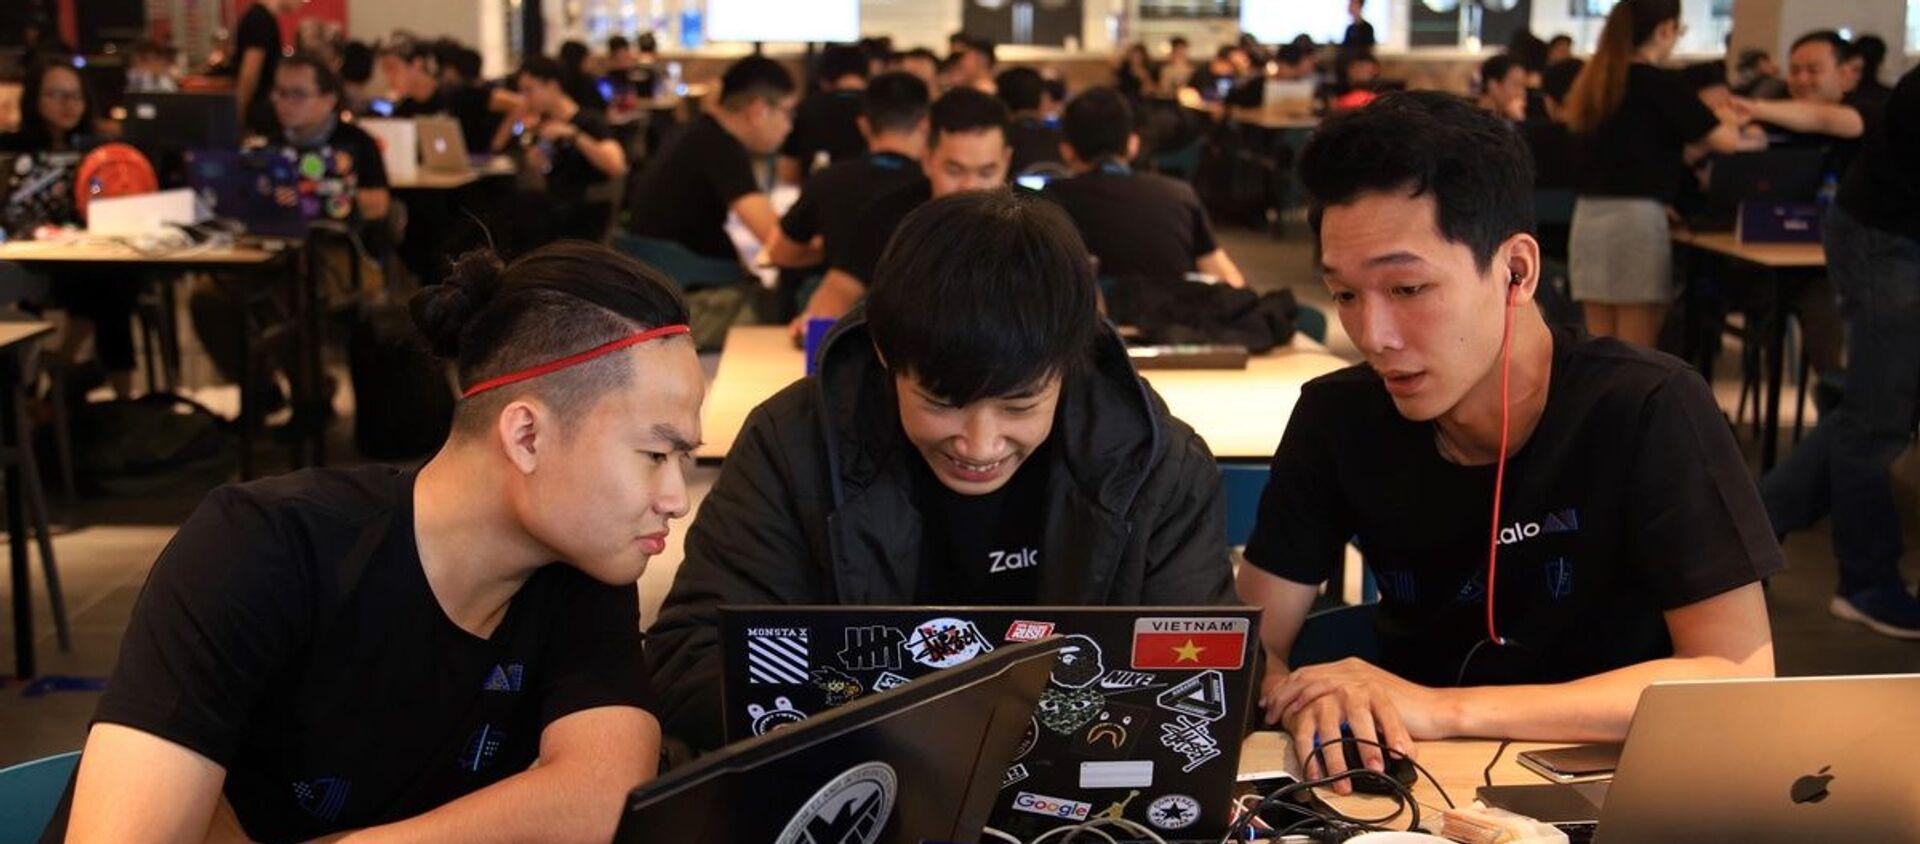 Hơn 160 kỹ sư đã tham gia Zalo Hackathon để giải quyết bài toán nhận diện hình ảnh. - Sputnik Việt Nam, 1920, 19.12.2019